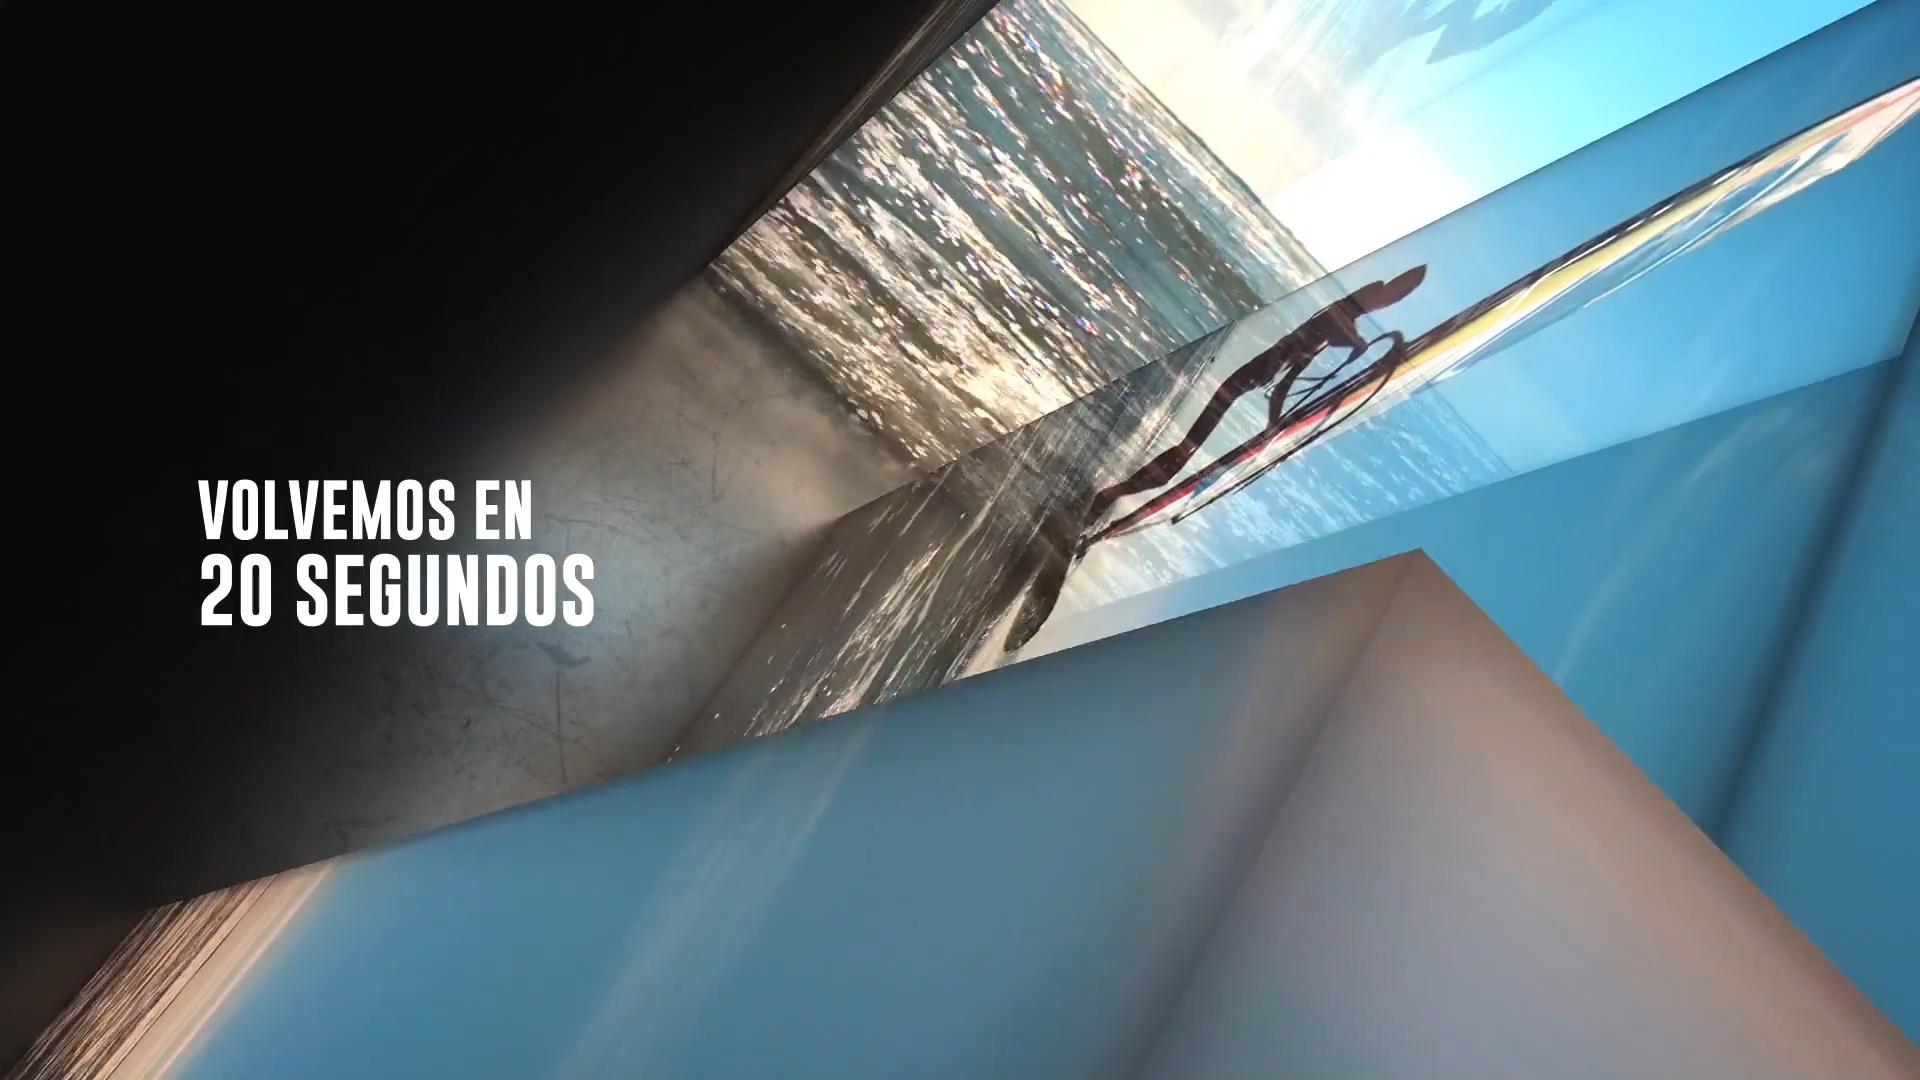 cortinilla-verano-atreseries-playa-1920x1080-1.jpg